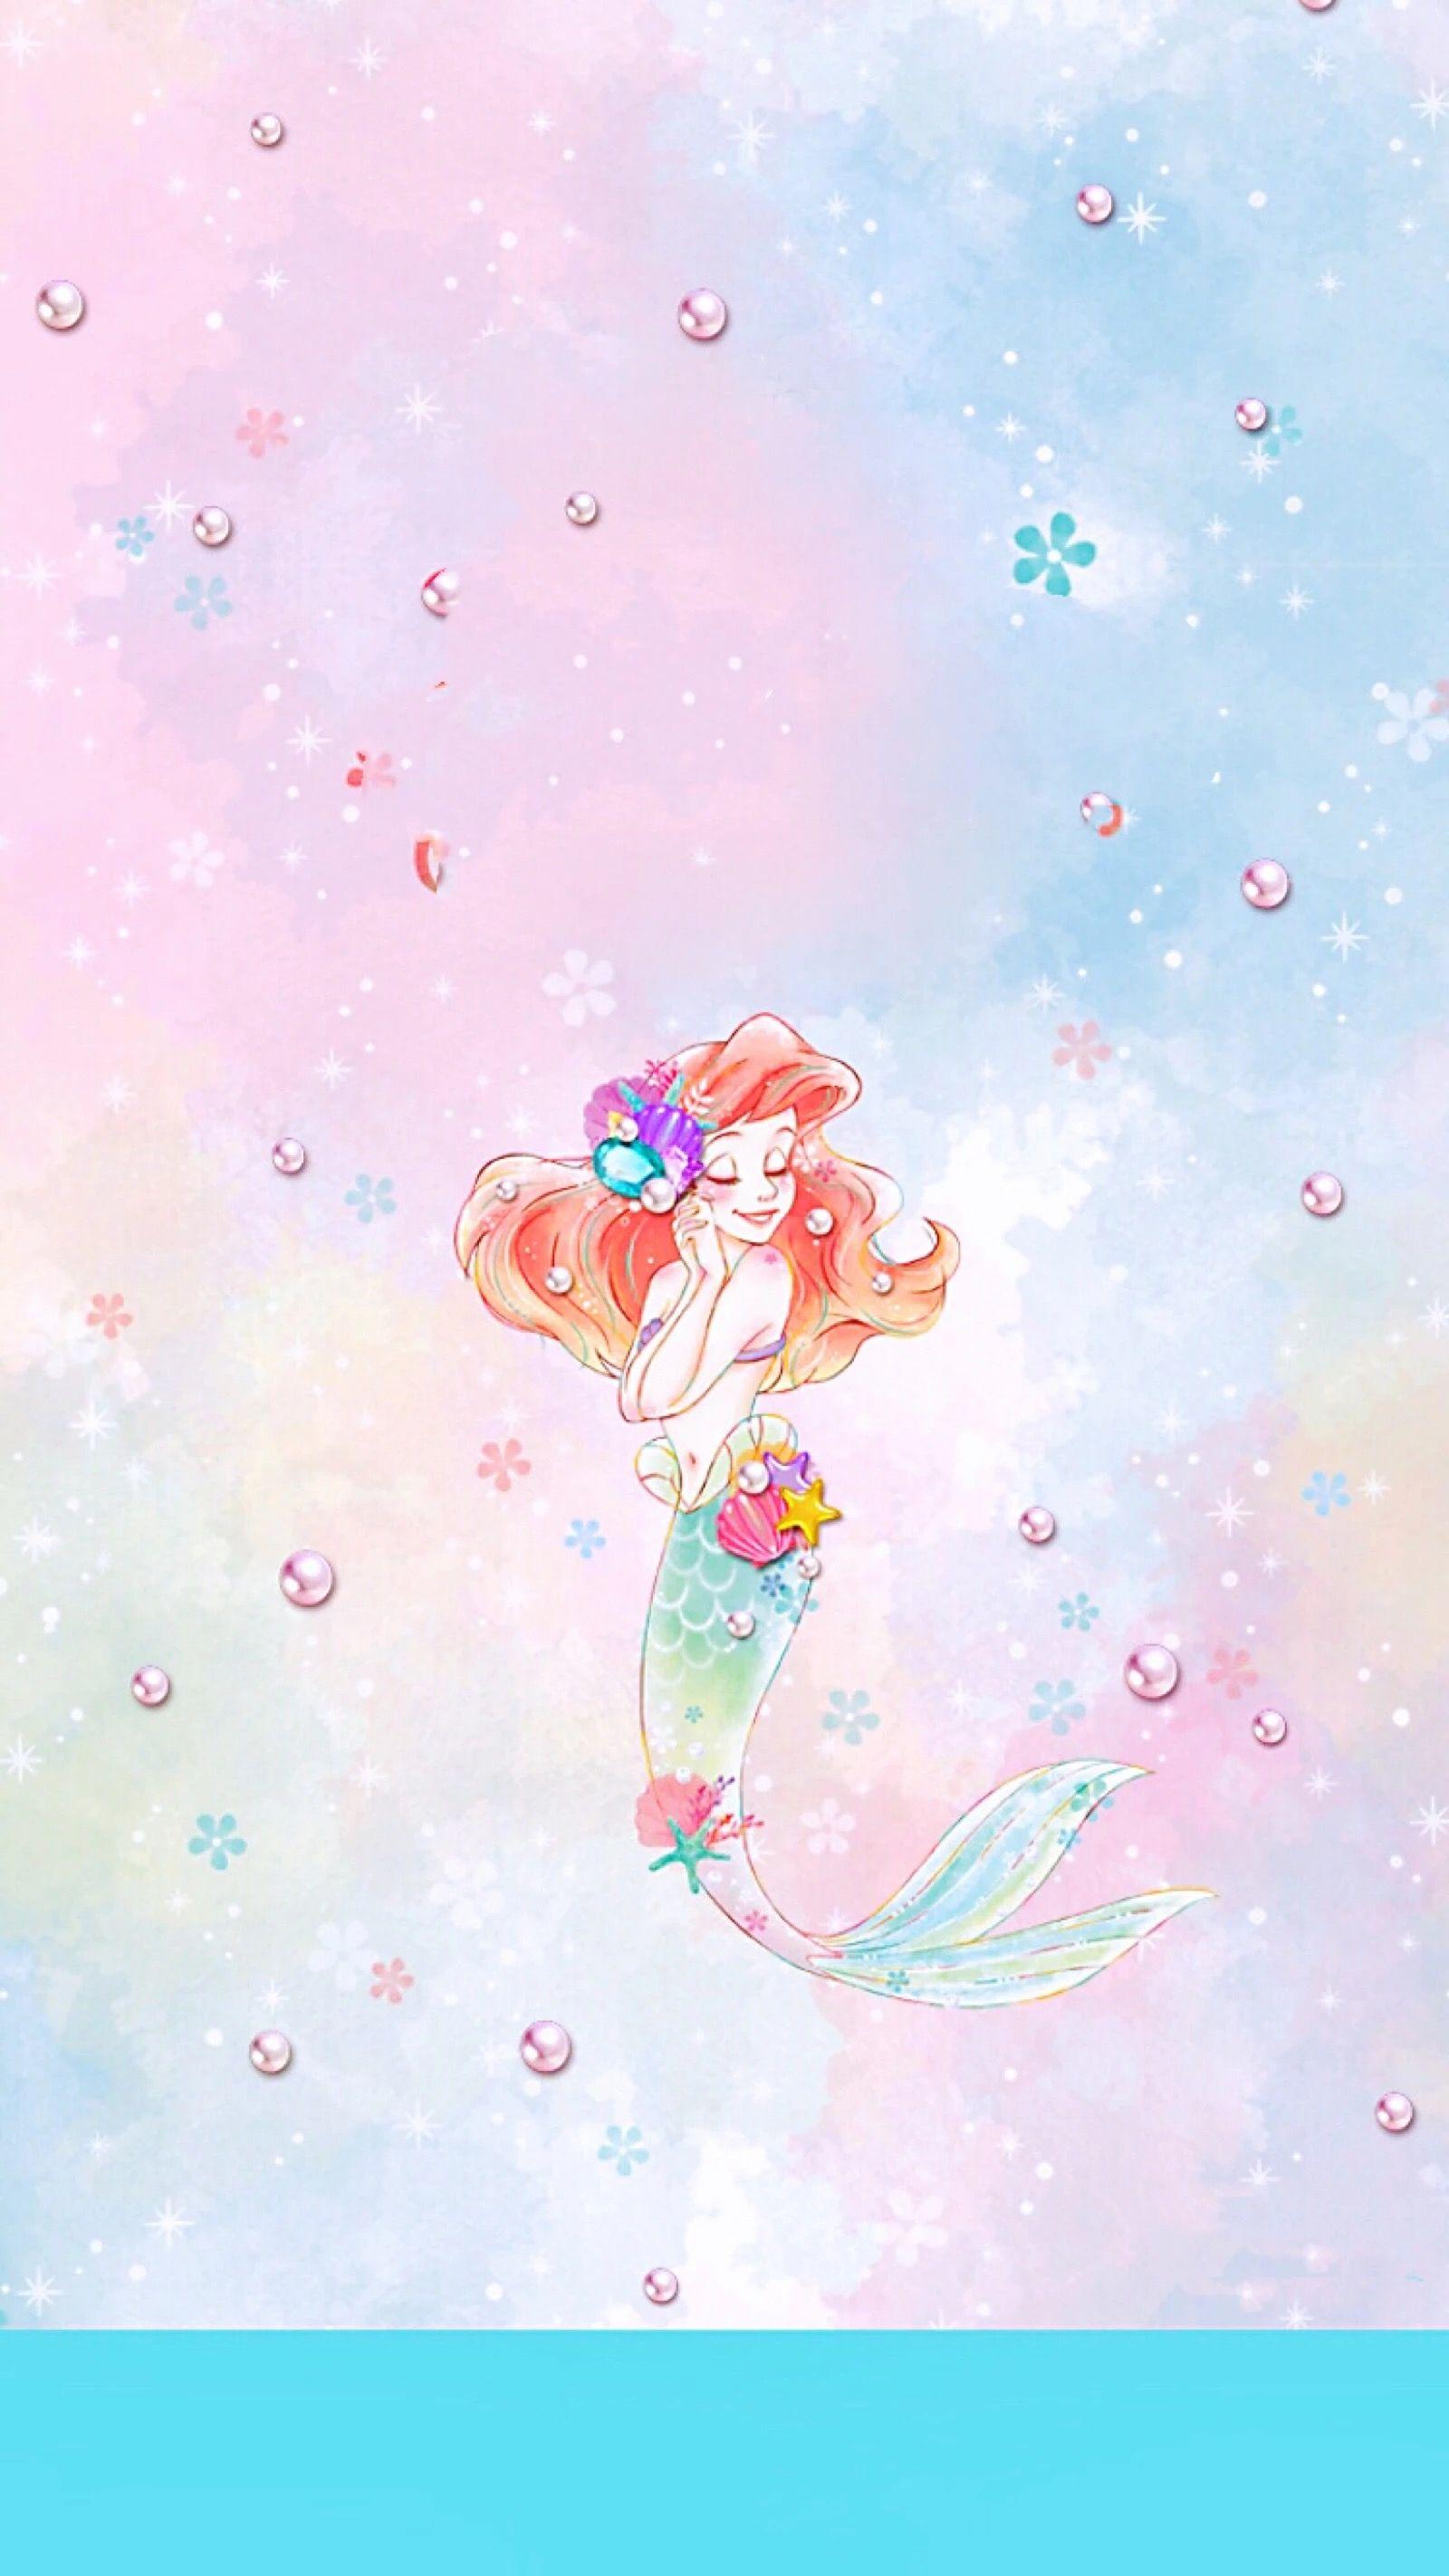 ディズニープリンセス おしゃれまとめの人気アイデア Pinterest Ayaka Gafeko Love Minnie 壁紙iphoneディズニー ディズニー 絵 ディズニーの使える壁紙